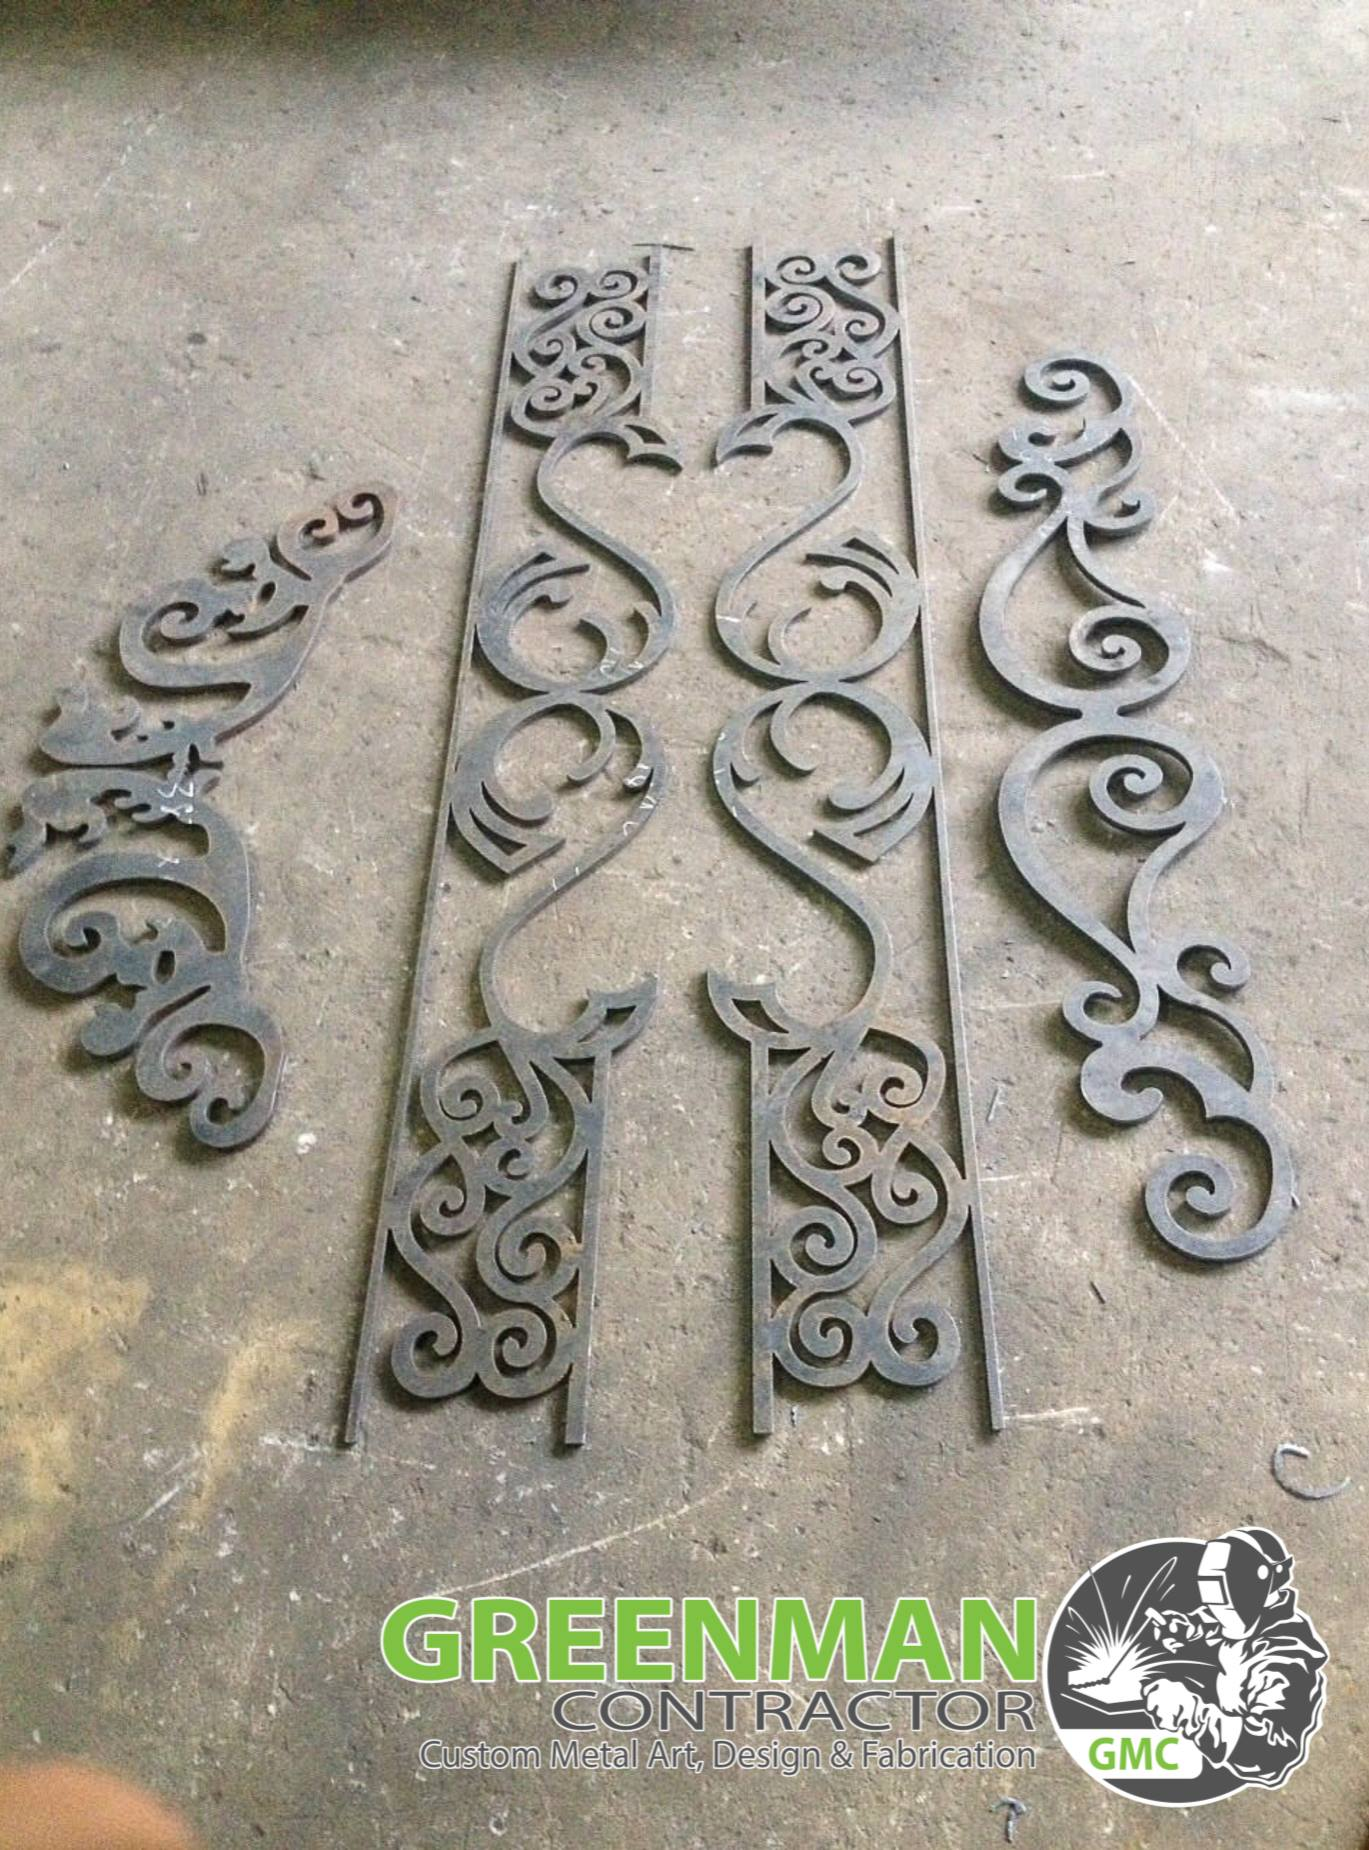 Gia công chi tiết sản phẩm panel cửa cổng tại Nhơn Trạch - Tỉnh Đồng Nai 15875237-639703159550385-2705613101820201582-o